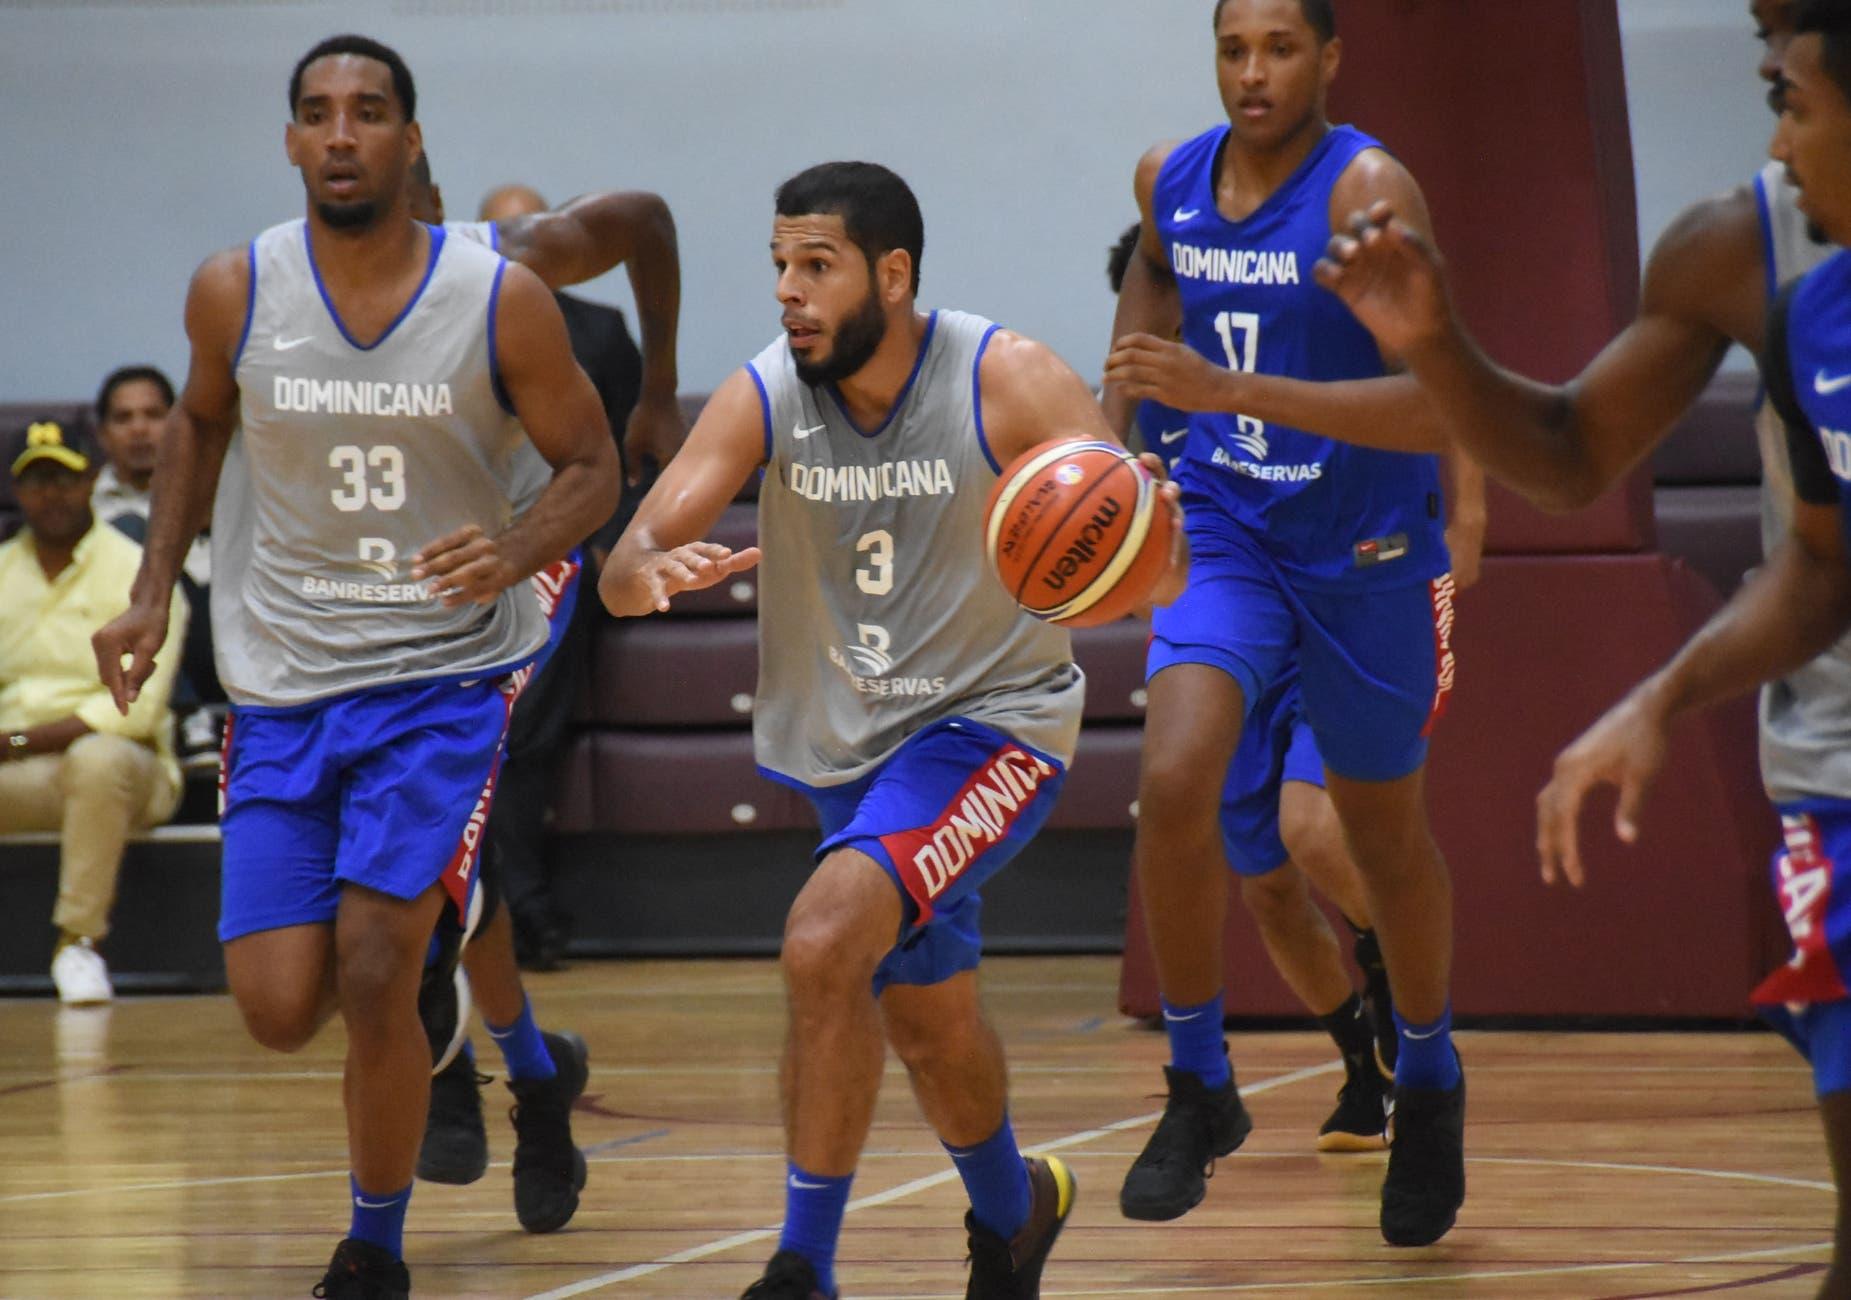 La selección de basketball masculino de República Dominicana continúa las prácticas en el Colegio Carol Morgan. Foto: Alberto Calvo